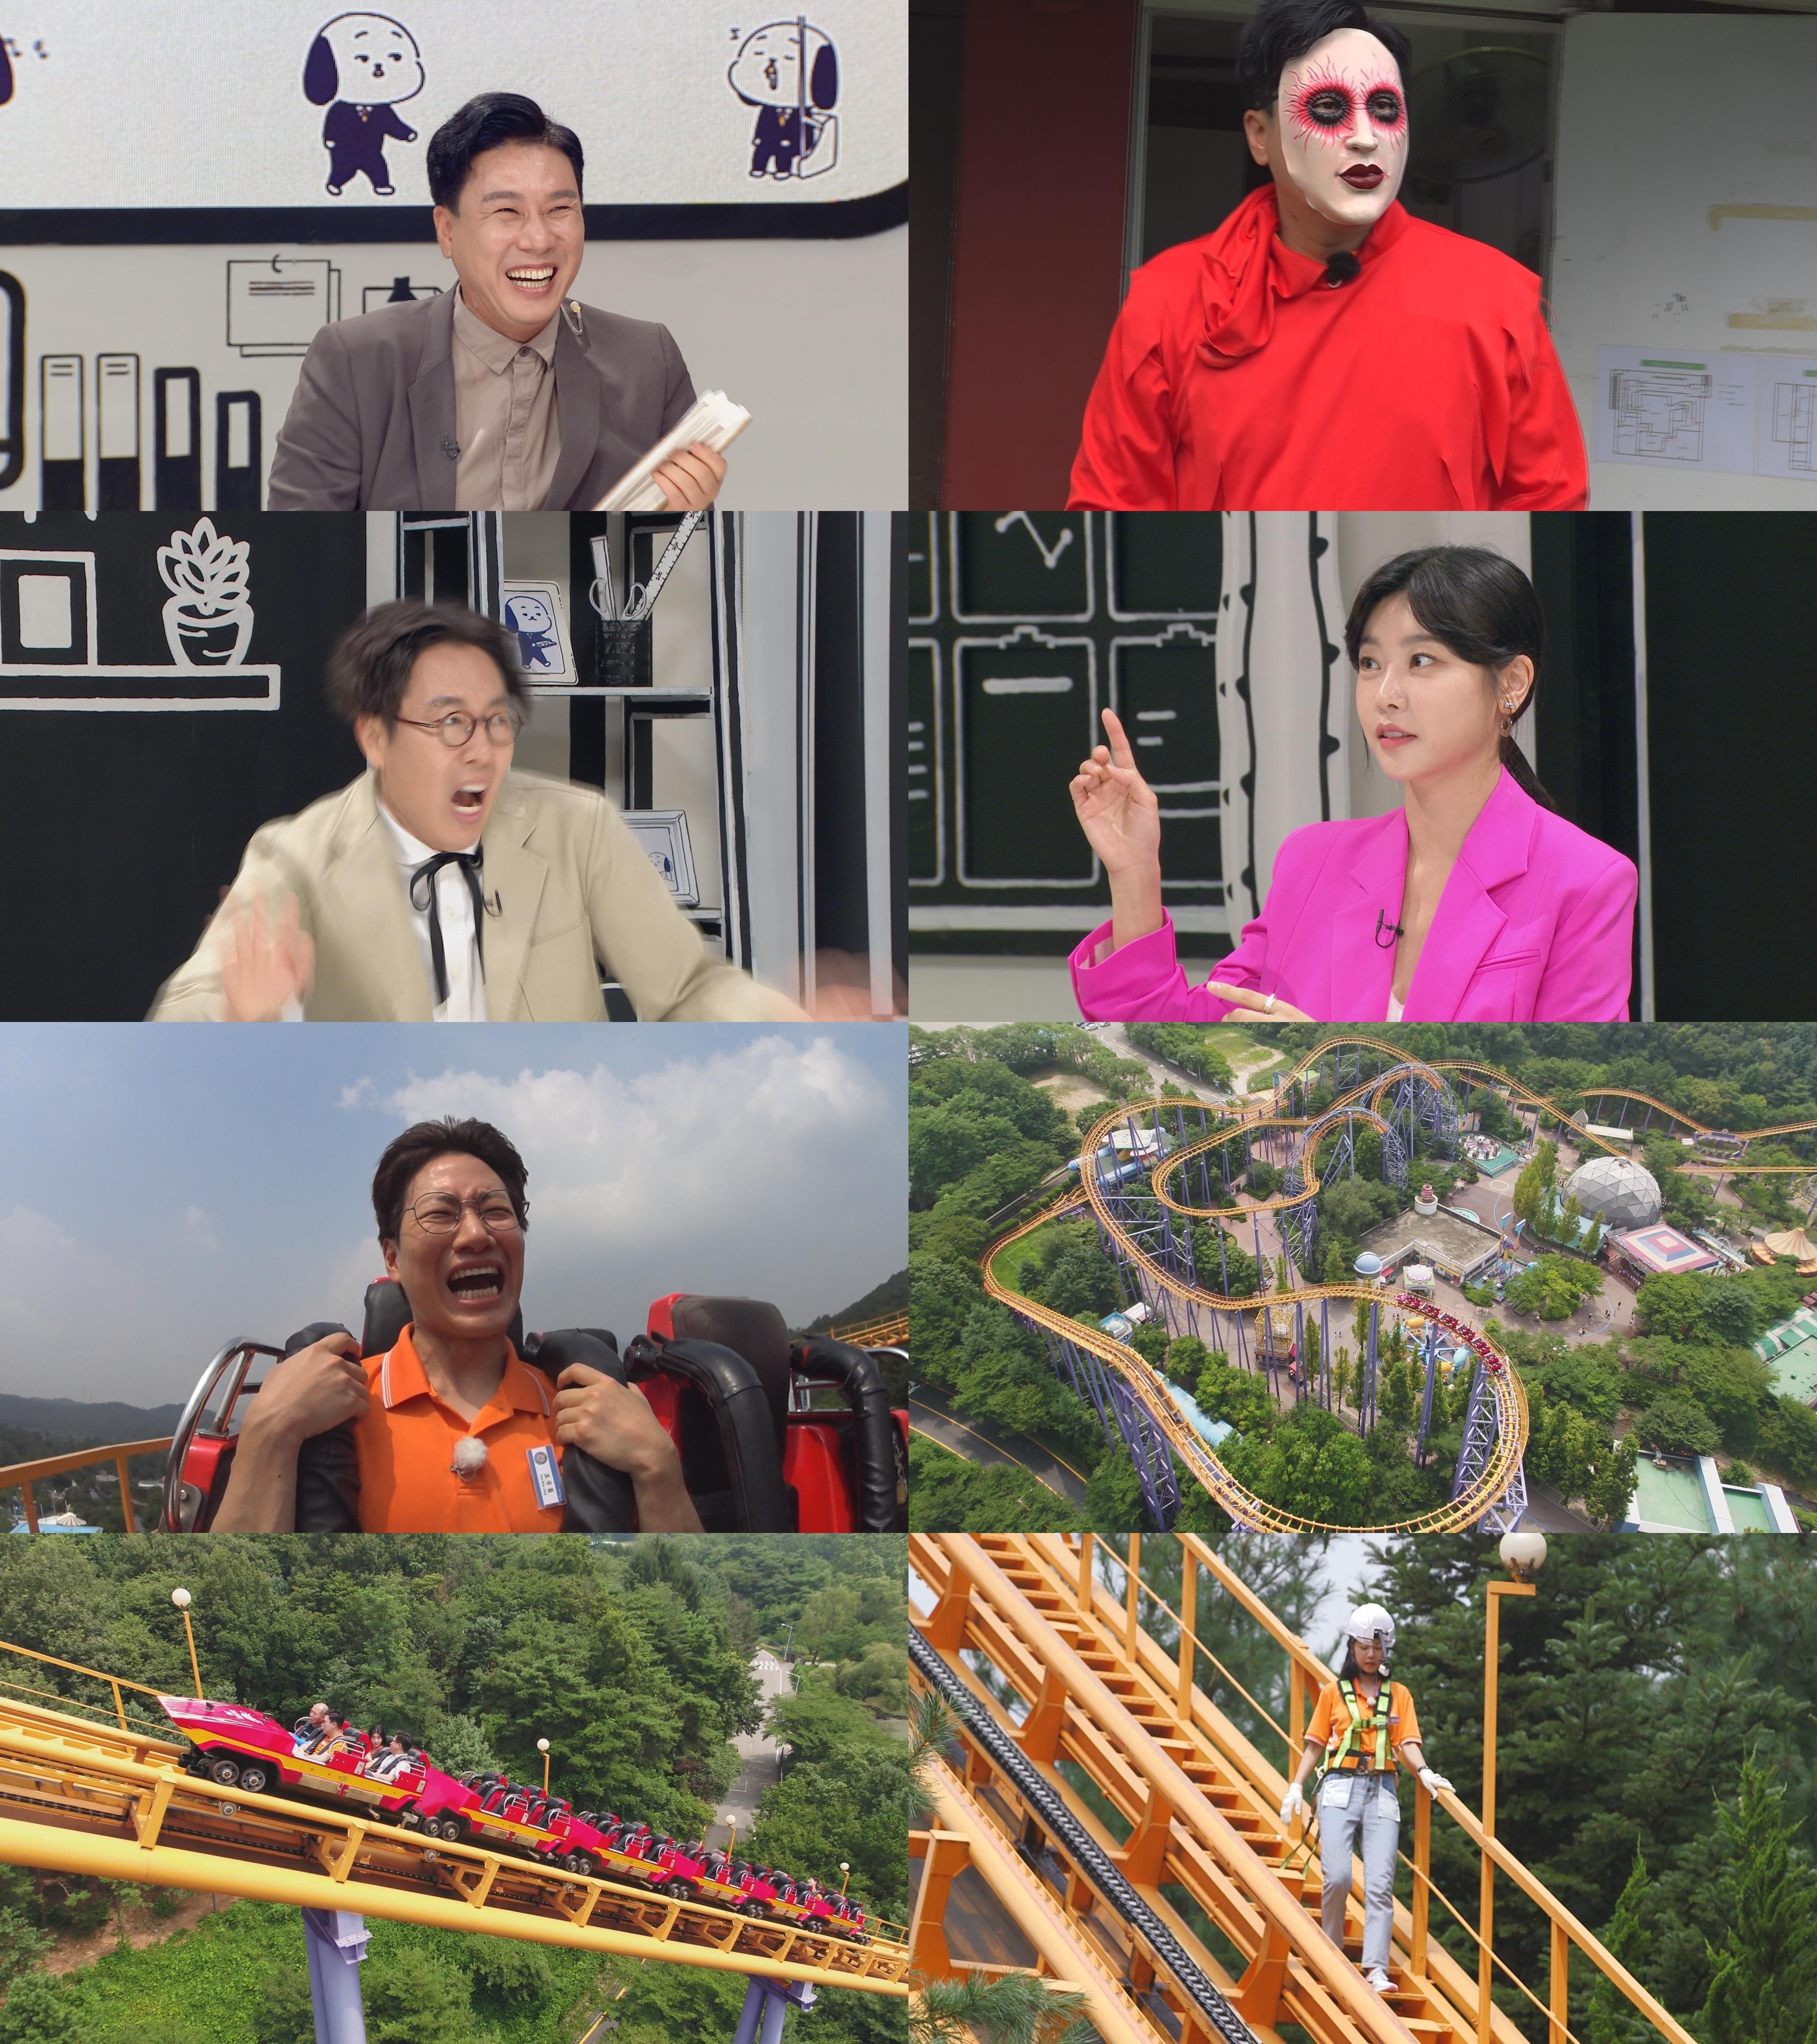 '구내식당' 안전 점검부터 귀신 분장까지··· 이상민x조우종x소진, 테마파크서 대활약!